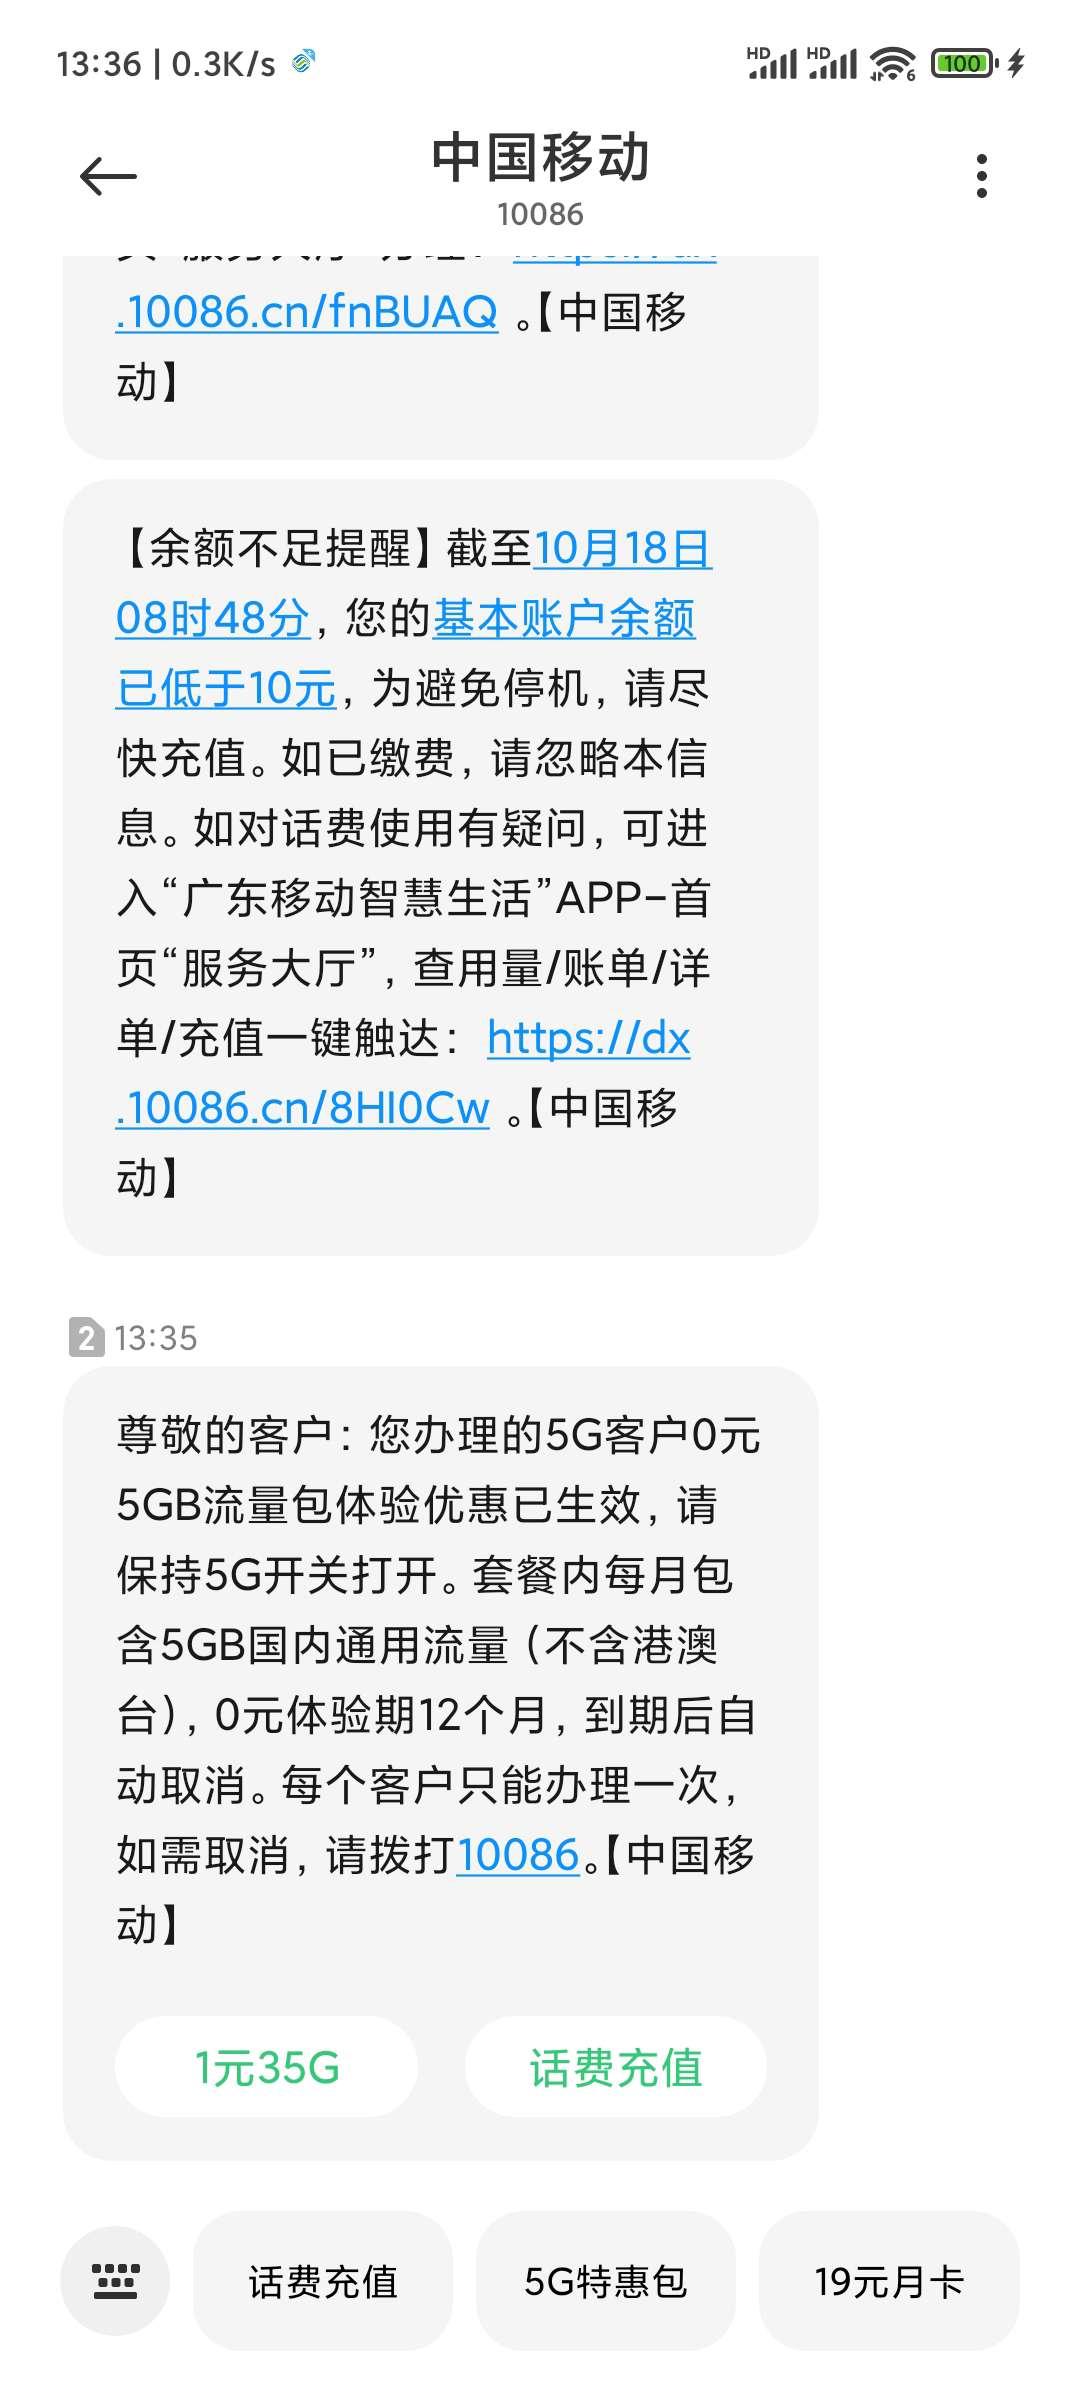 广东领12个月的5G流量